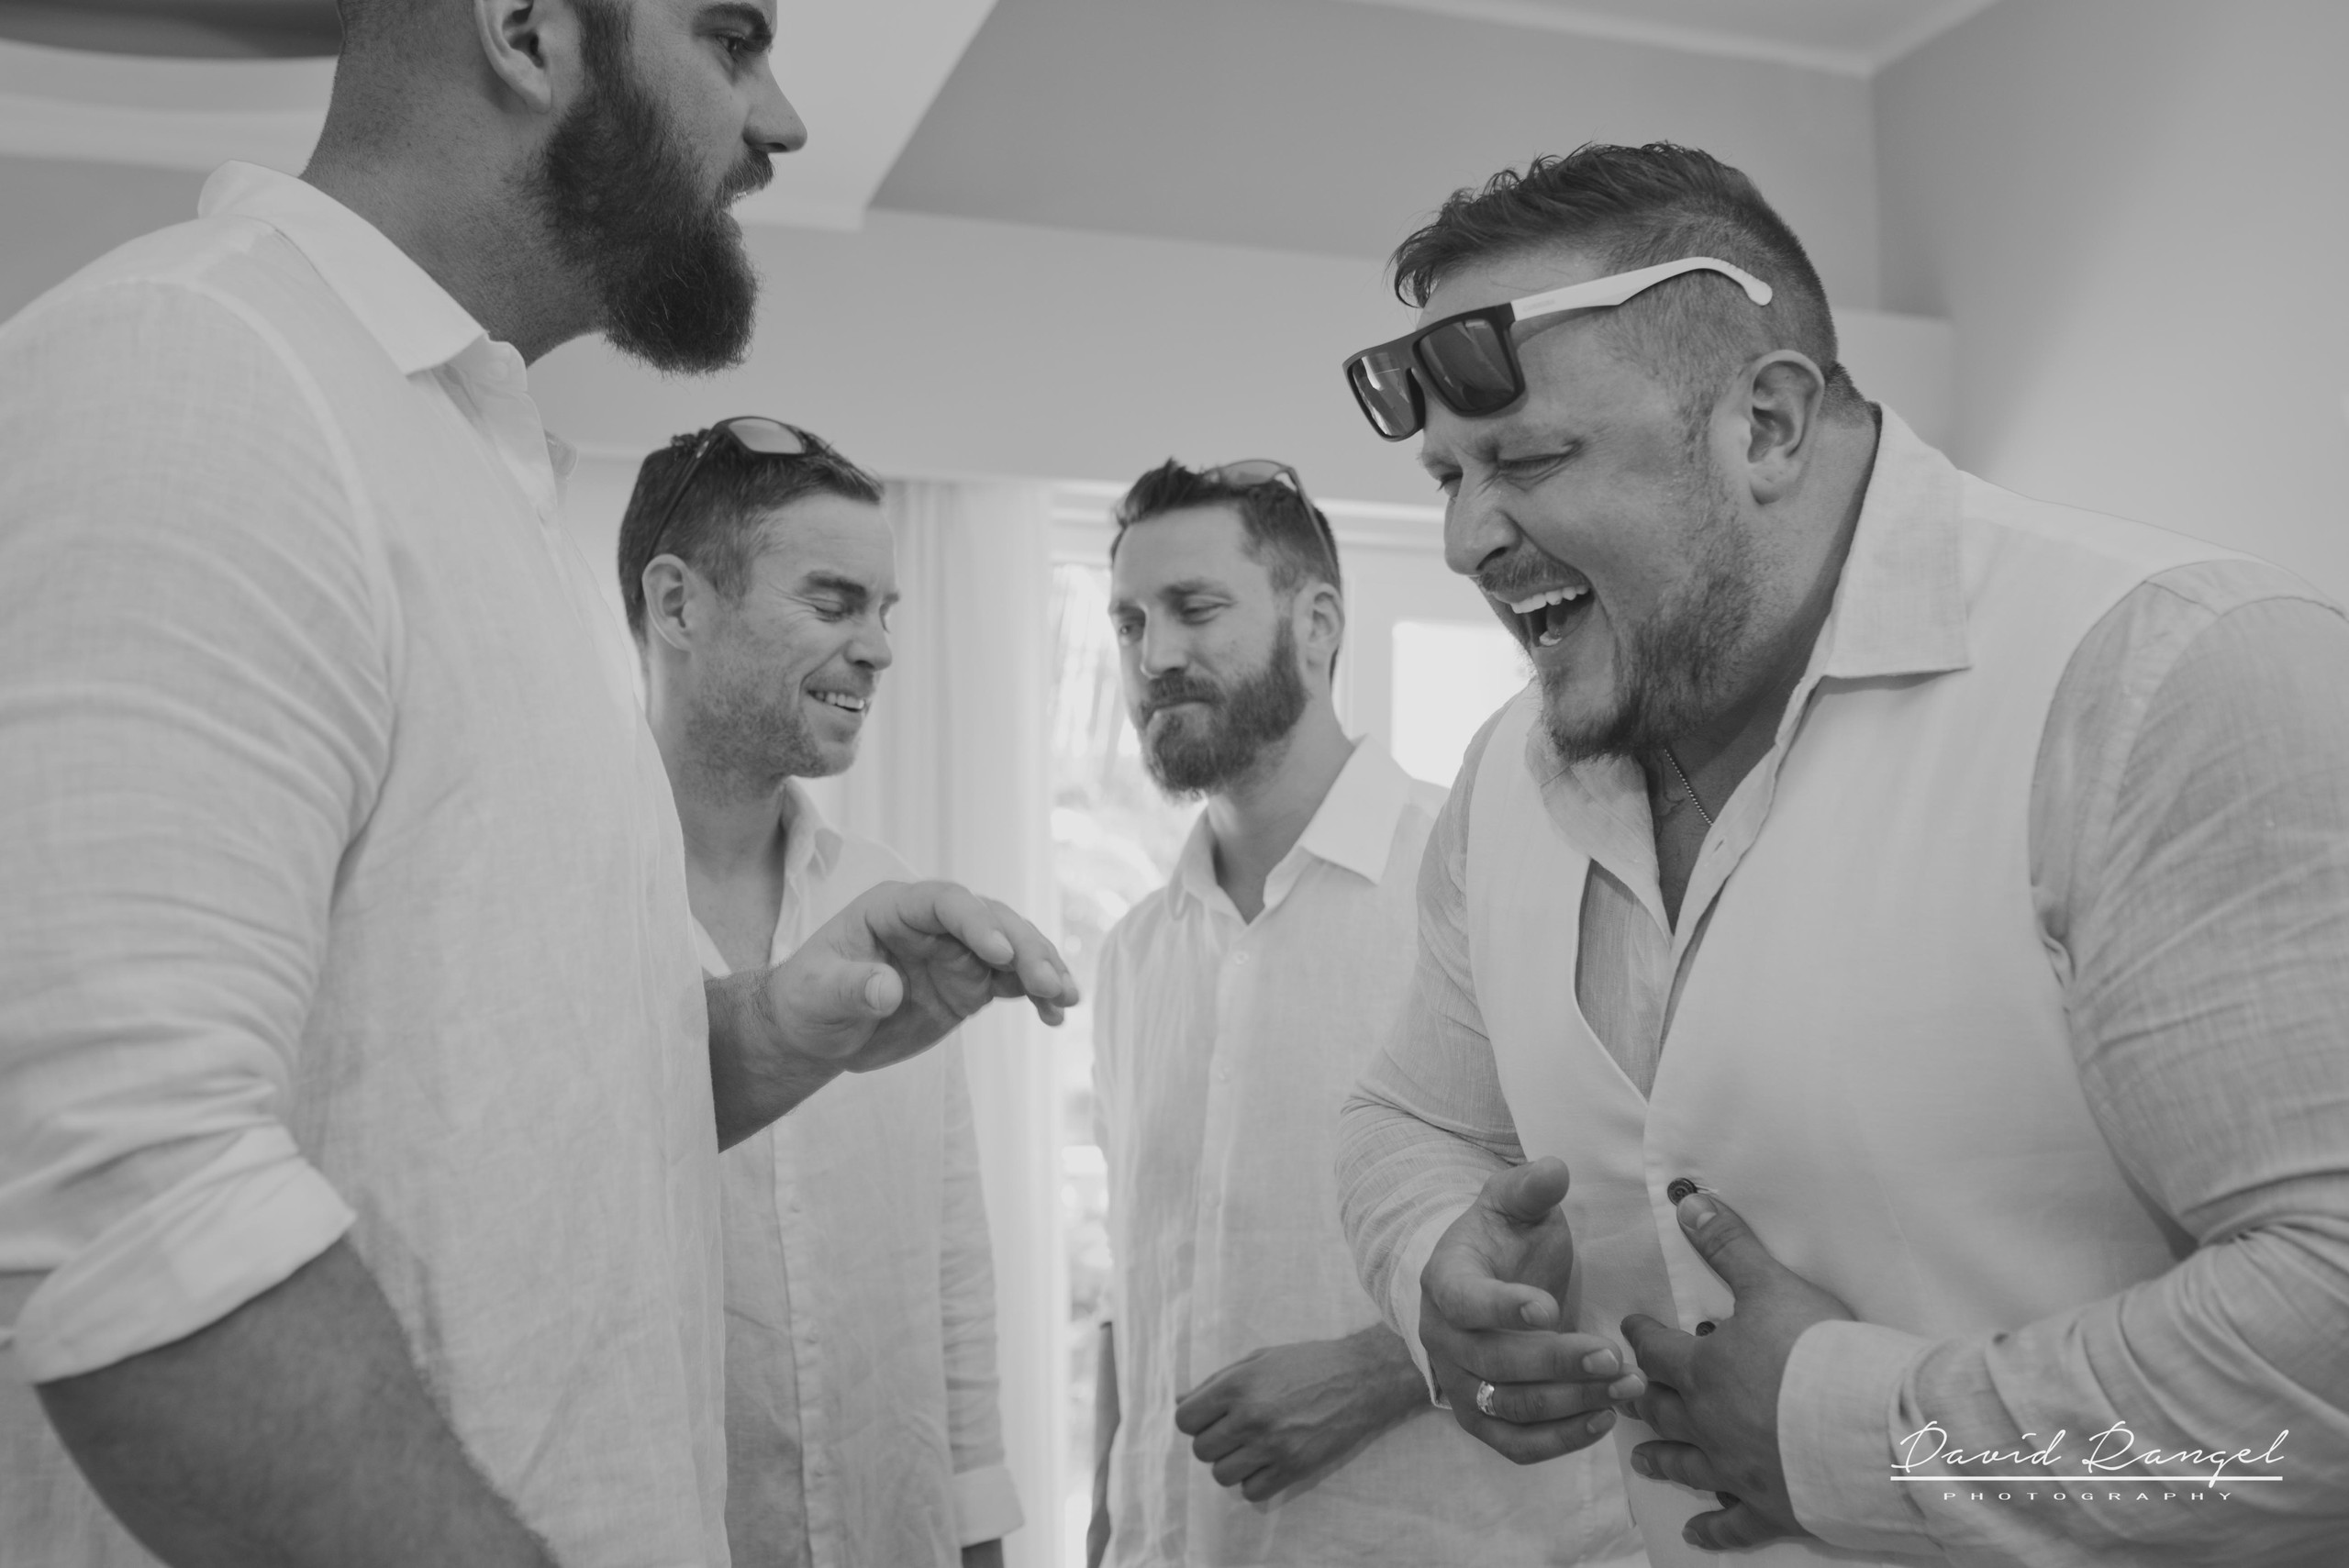 groom+crue+groomsmen+getting+ready+laughing